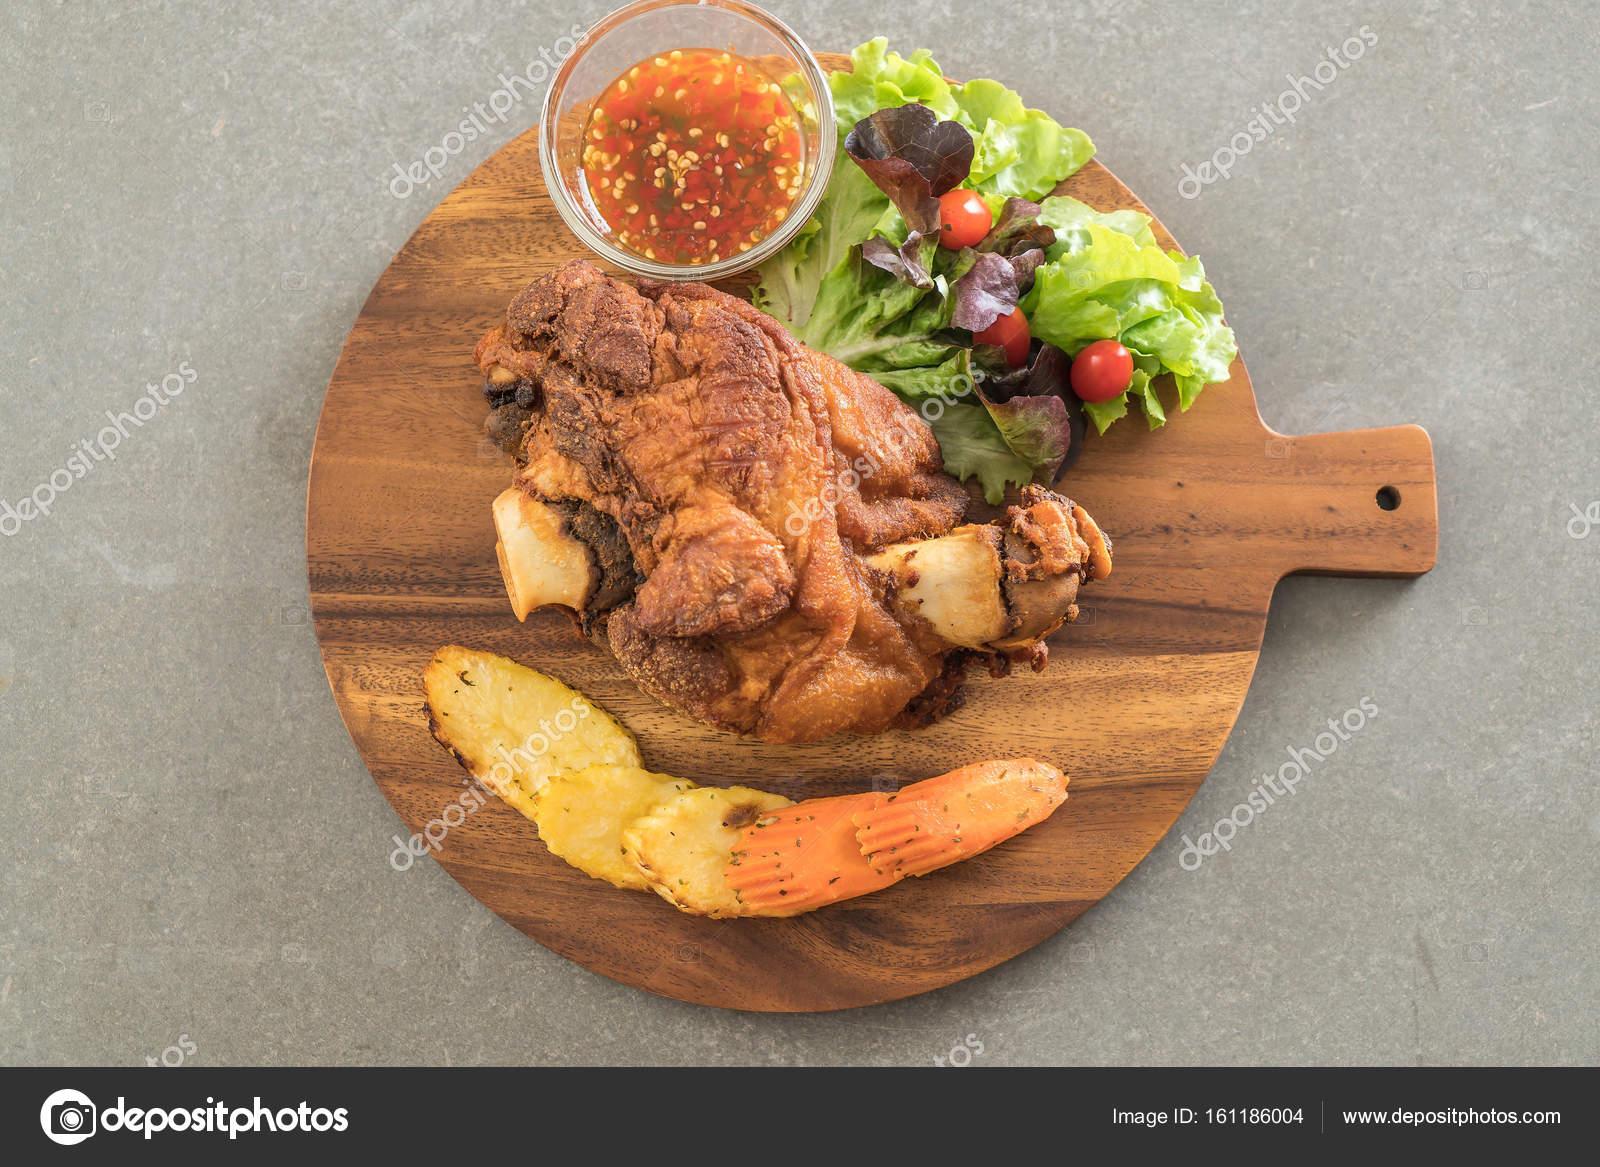 Sommergerichte Mit Schweinefleisch : Knusprige schweinshaxe oder deutschen schweinefleisch